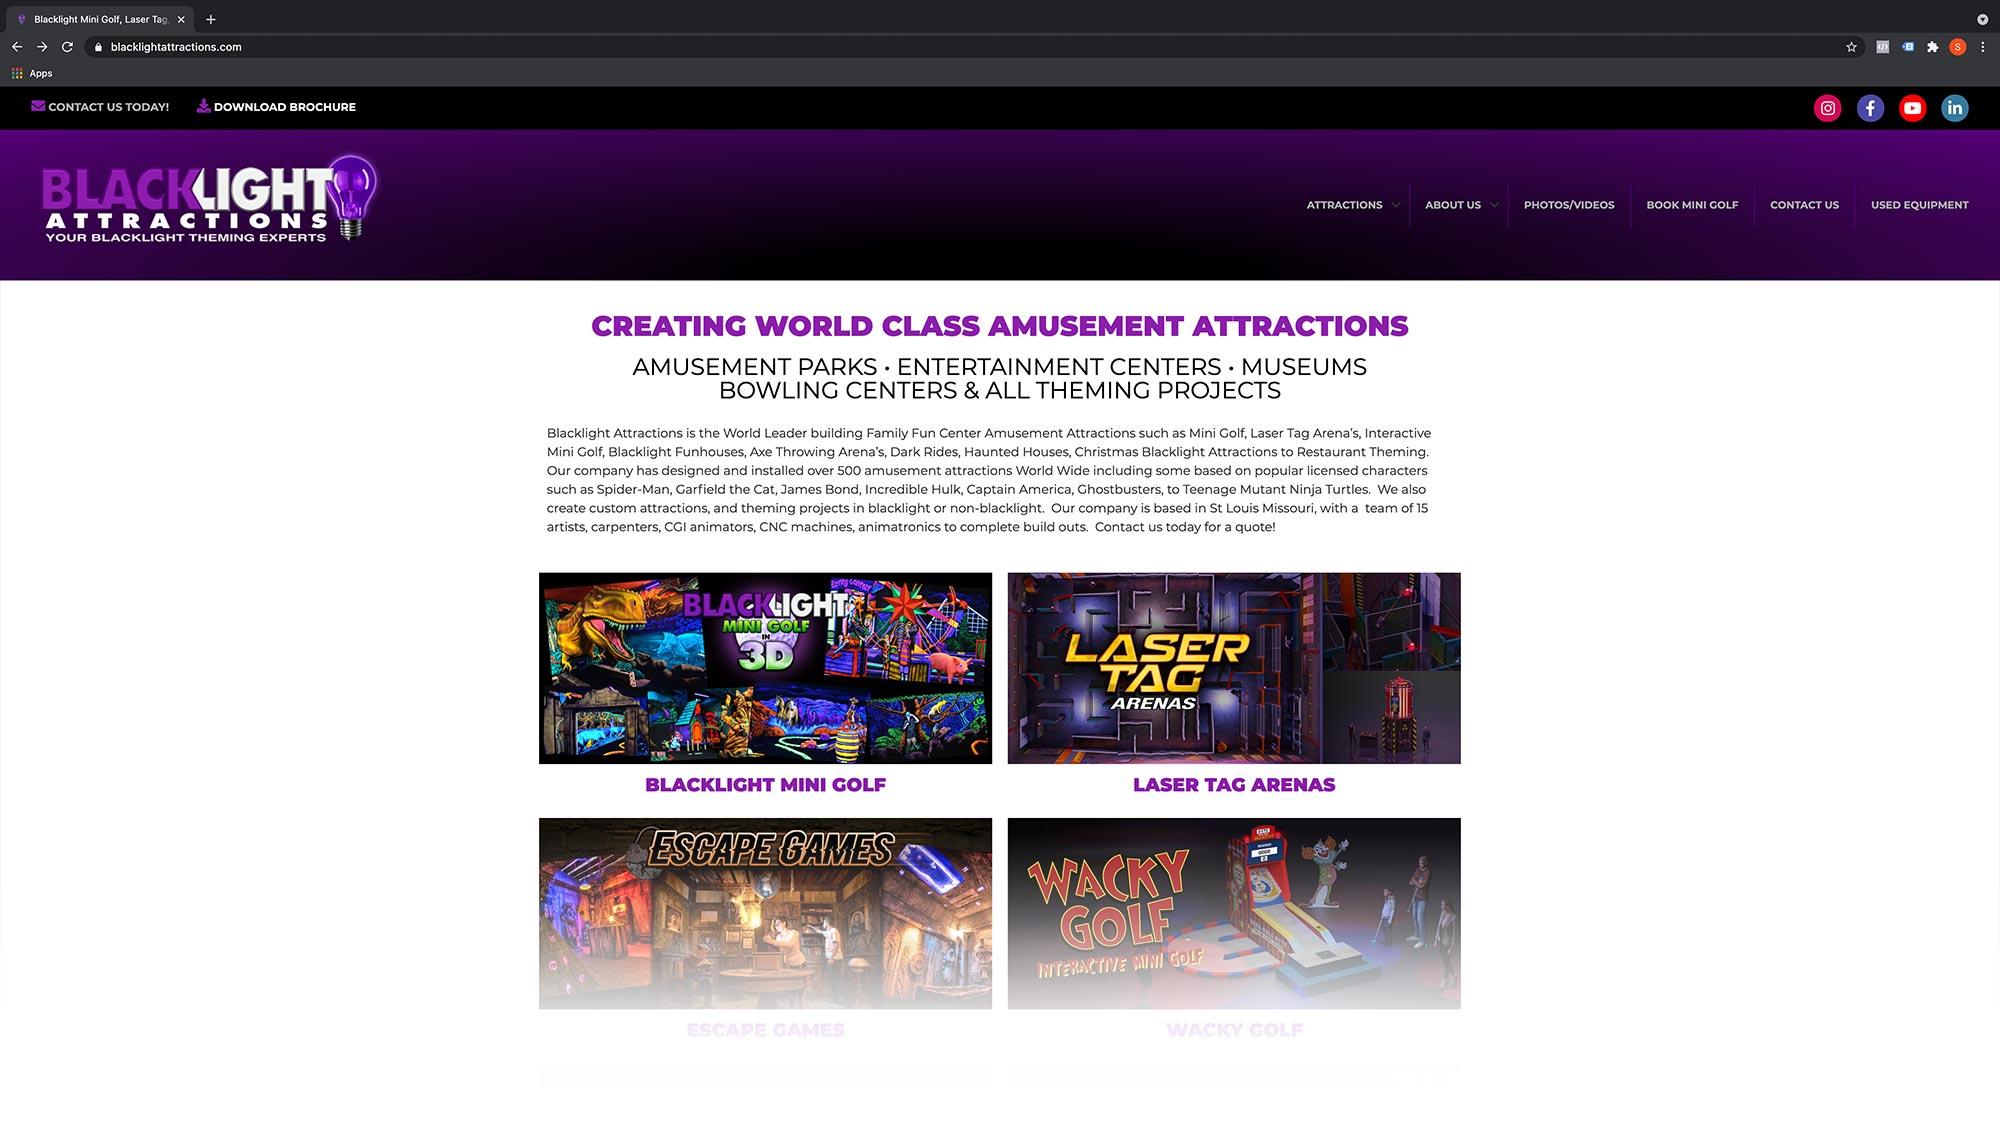 blacklightattractions.com